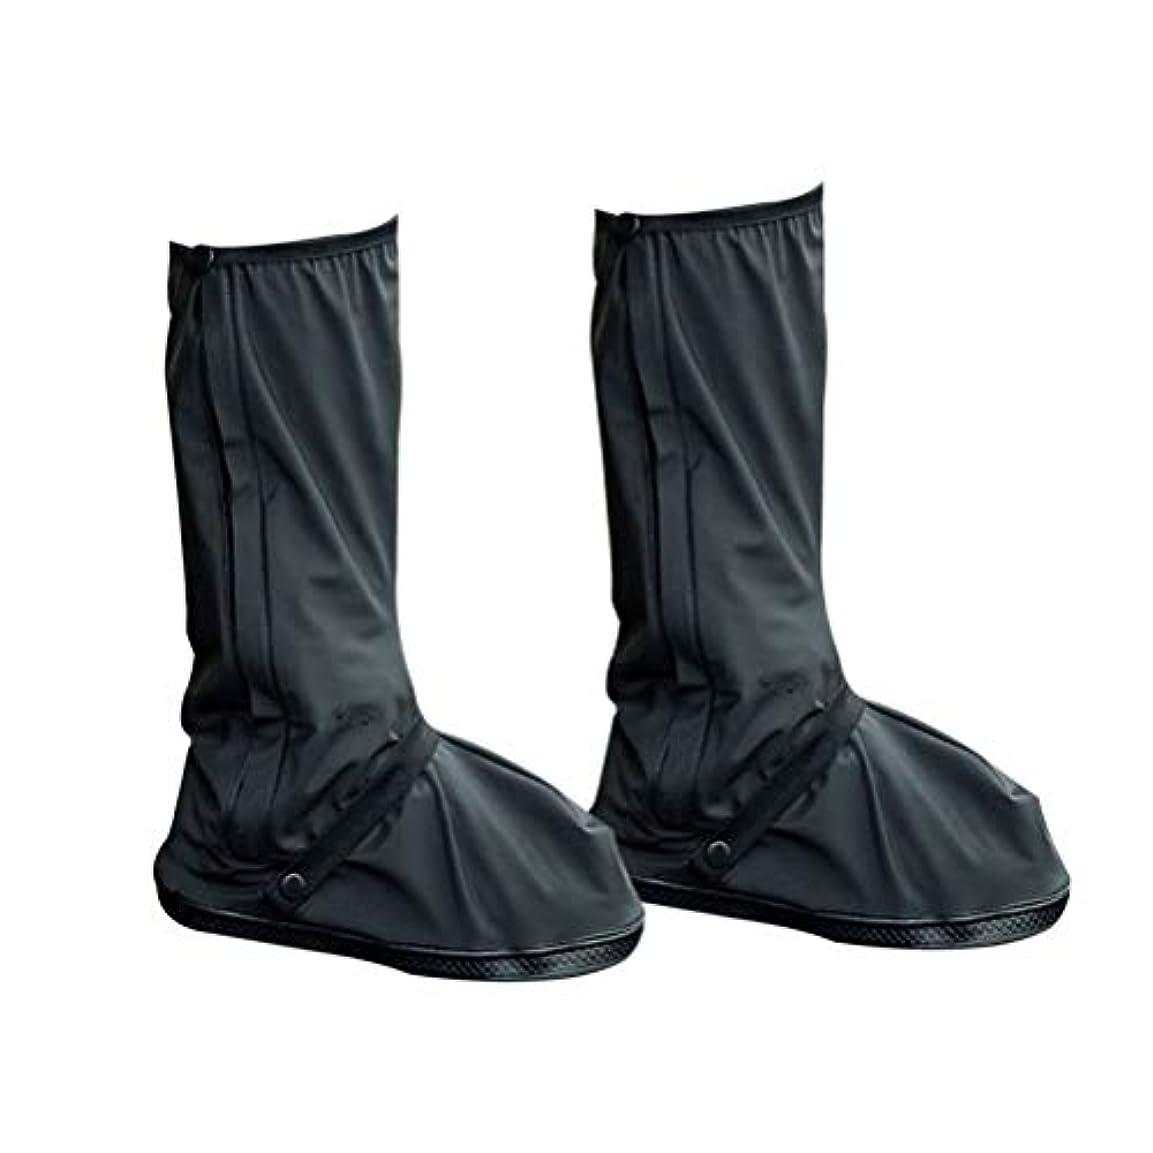 可聴変位変位VORCOOL 防水レインシューズカバーメンズレディースシューズプロテクター再使用可能なブートカバー雨の日のブーツ旅行機器(XL)